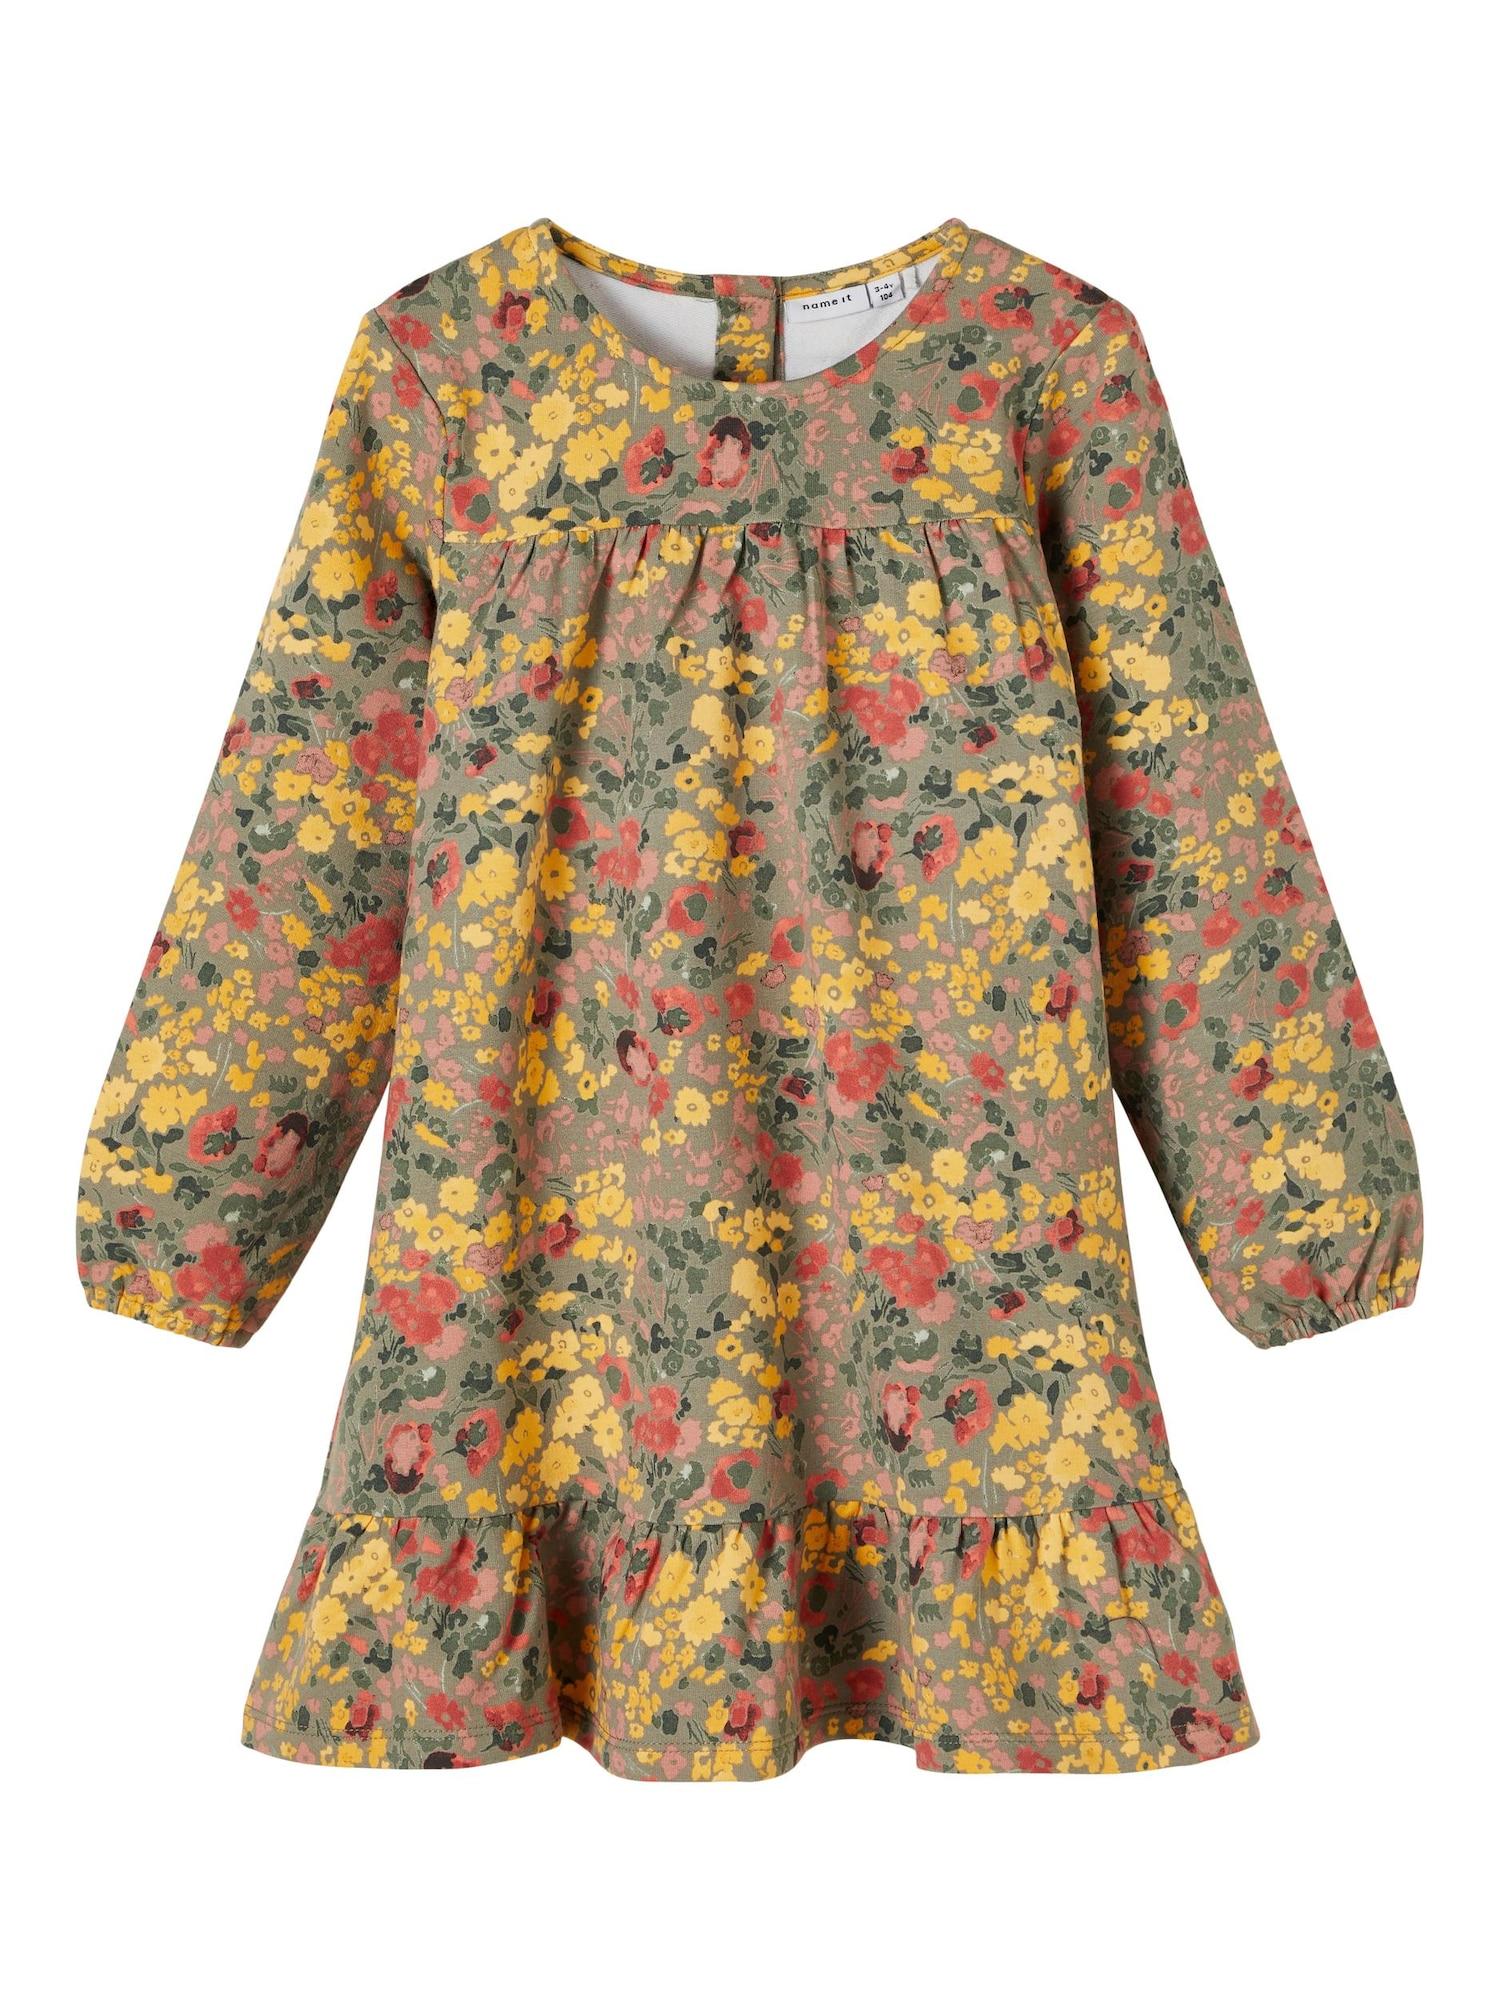 NAME IT Suknelė 'Bada' alyvuogių spalva / geltona / raudona / rožių spalva